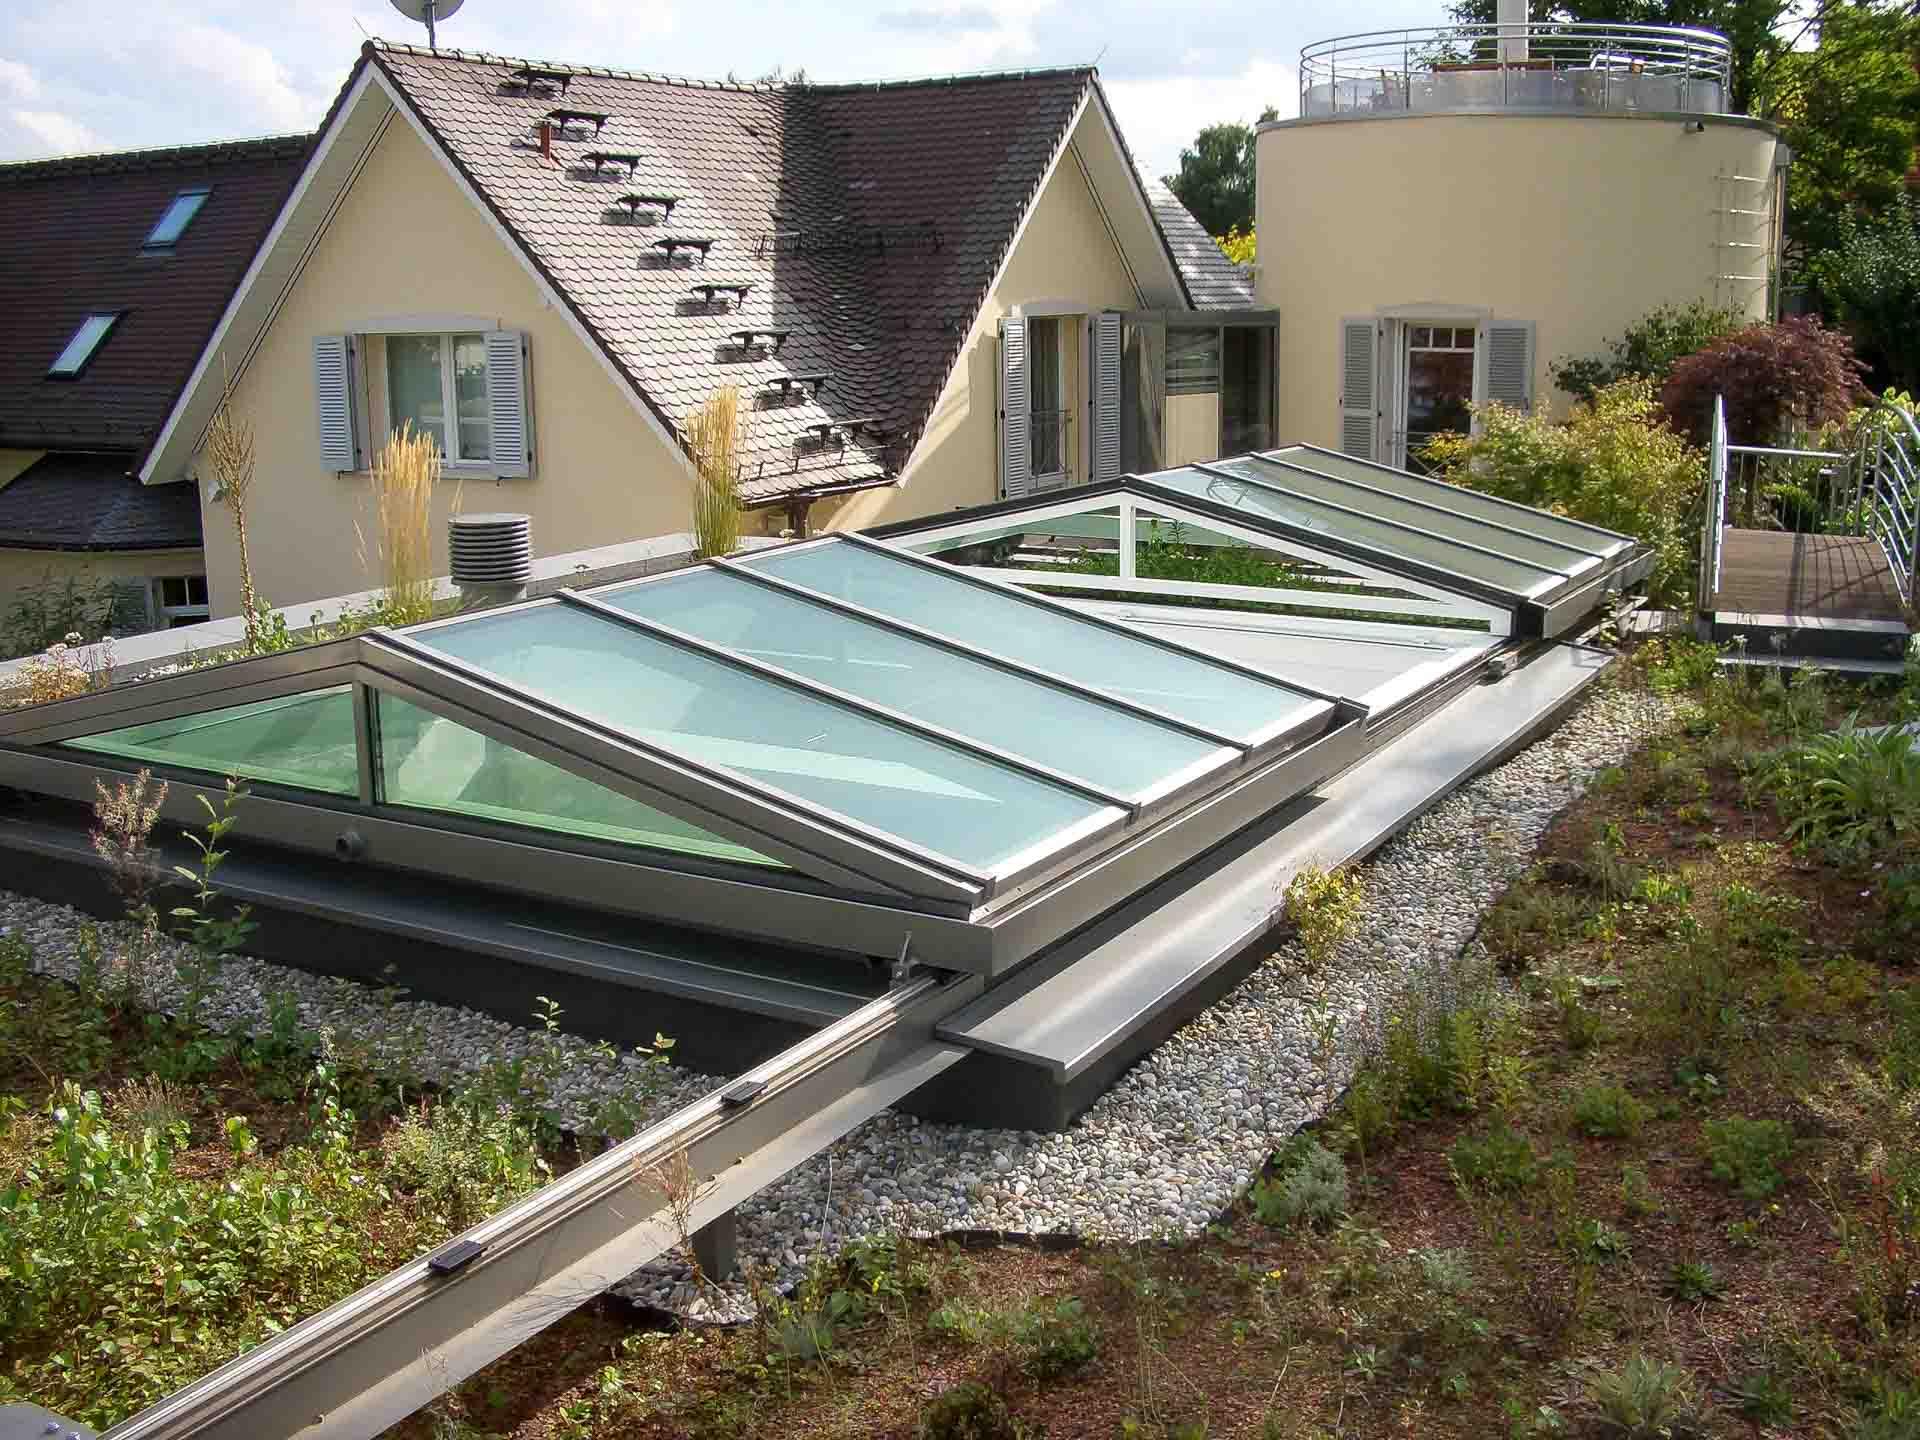 Cabrio Schiebedach in Königstein (Objekt 1058). Innovative Technologie - das bewegliche Glasdach schafft freie Aussicht